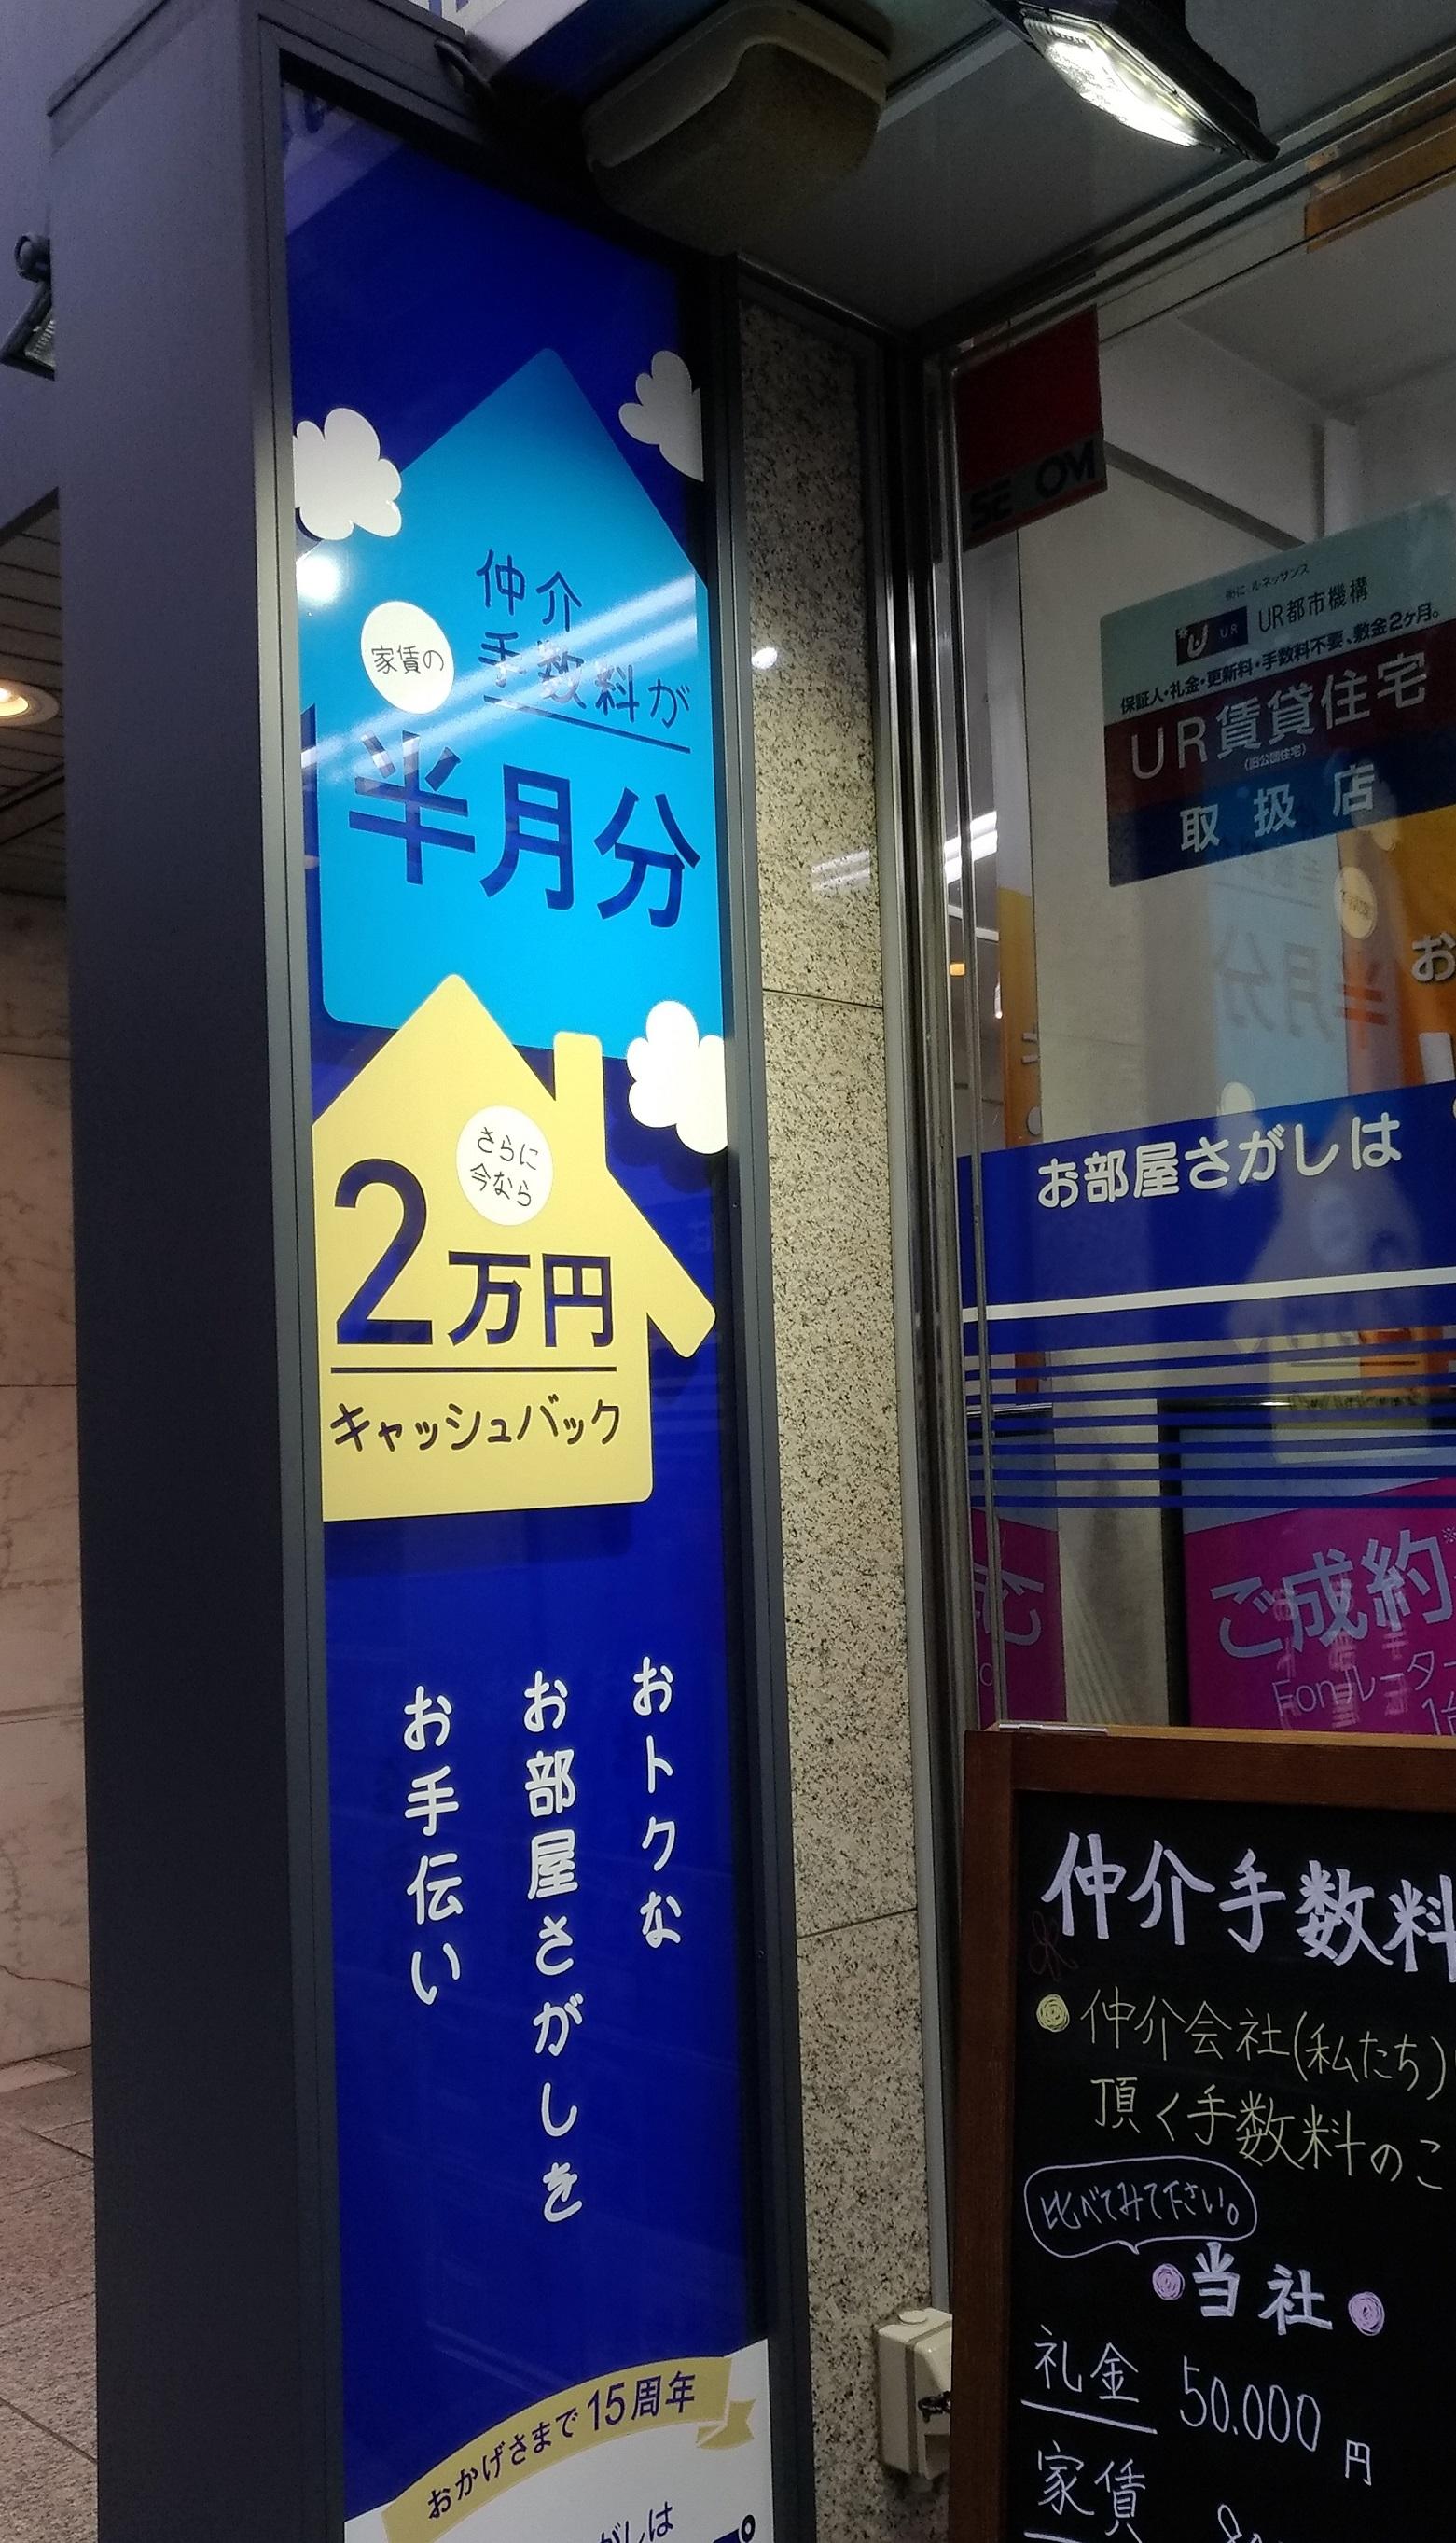 hikkoshi_shokihiyo_apaman_.jpg